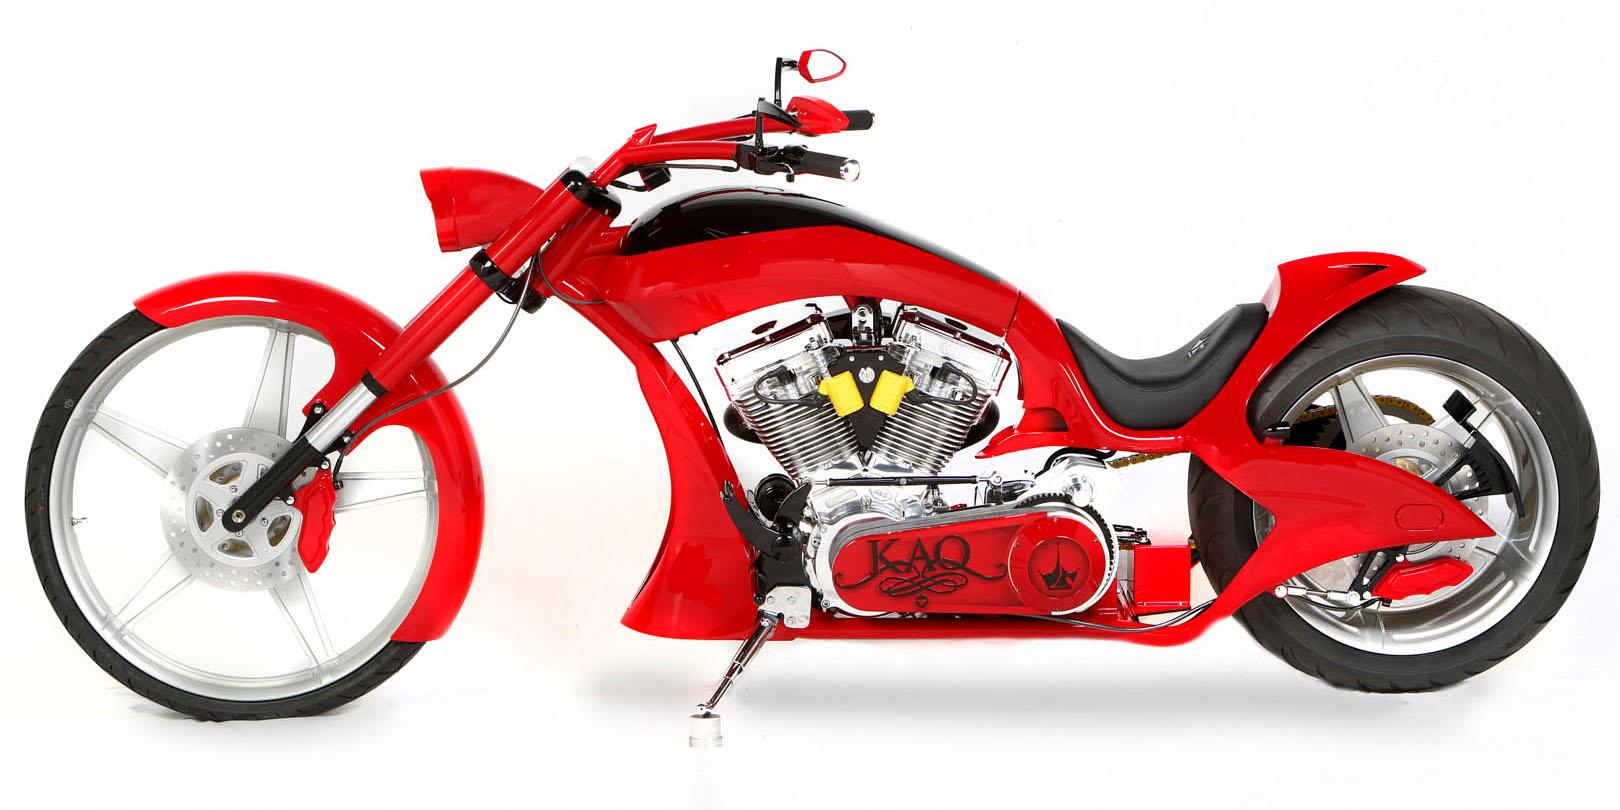 paul-jr-designs-ferrari-bike-017